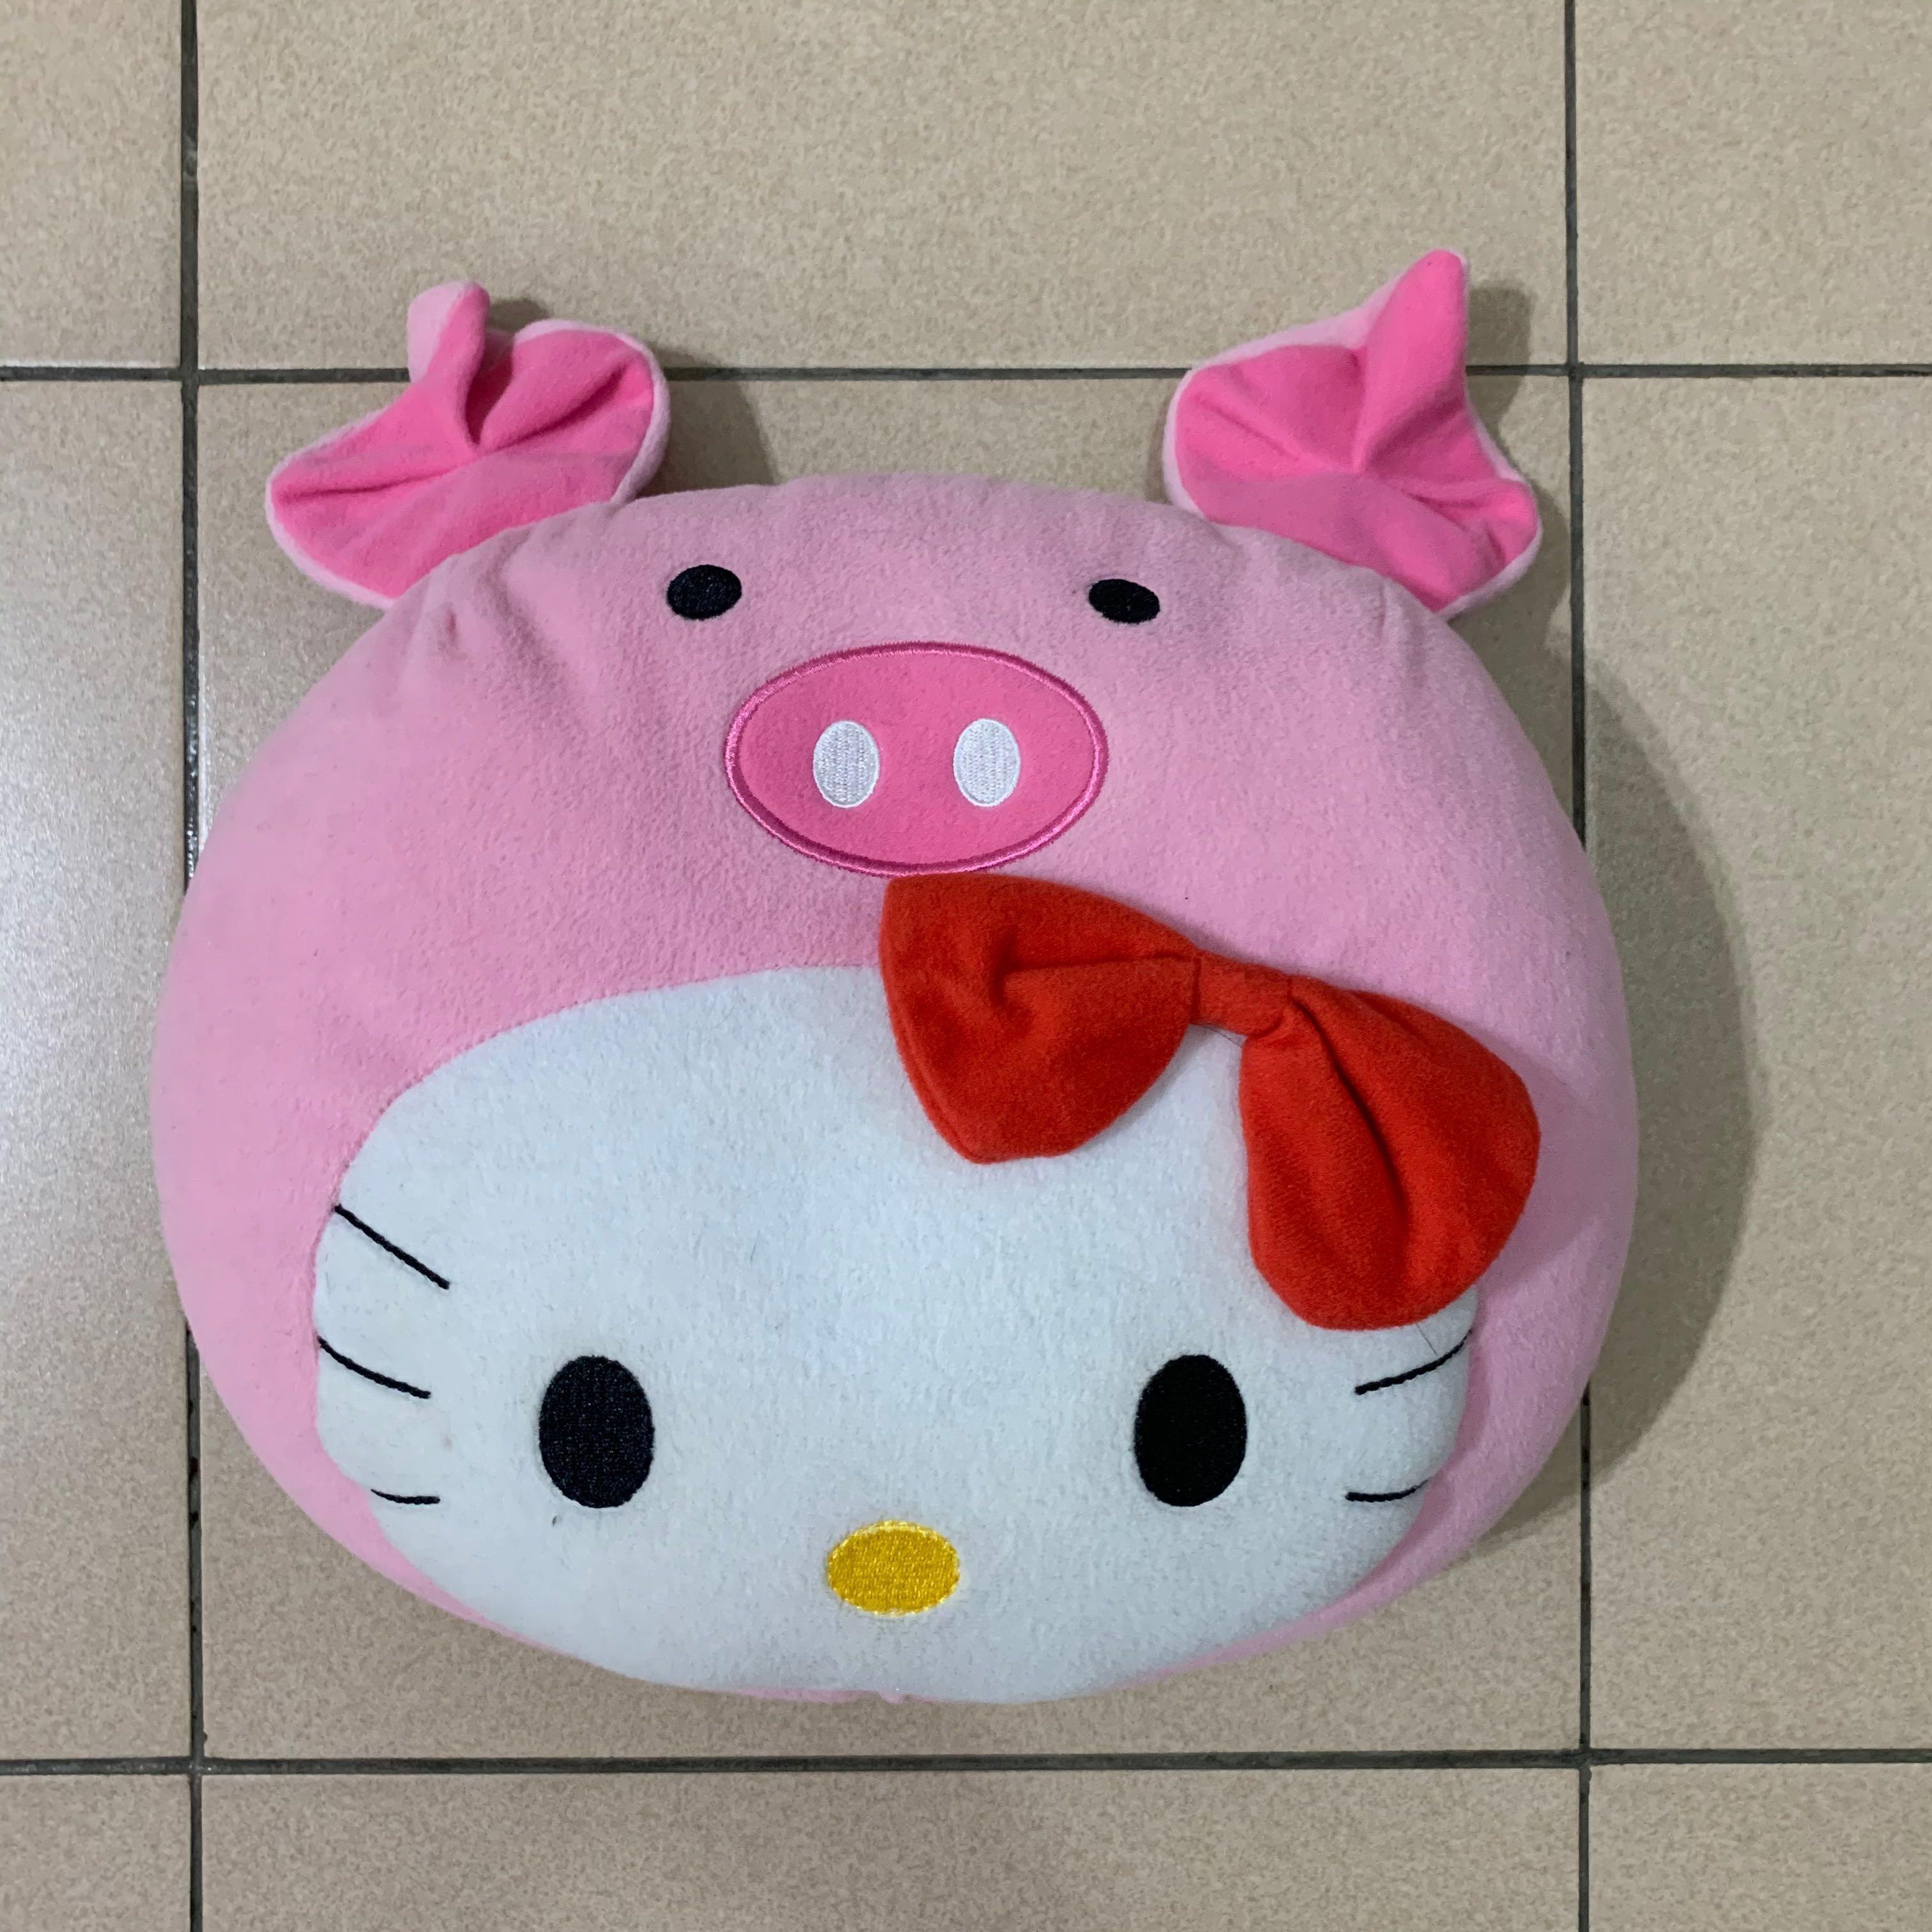 Hello kitty 麥當勞 聯名 凱蒂貓 無嘴貓 豬 粉紅豬 娃娃 可愛 玩具 收藏 限量